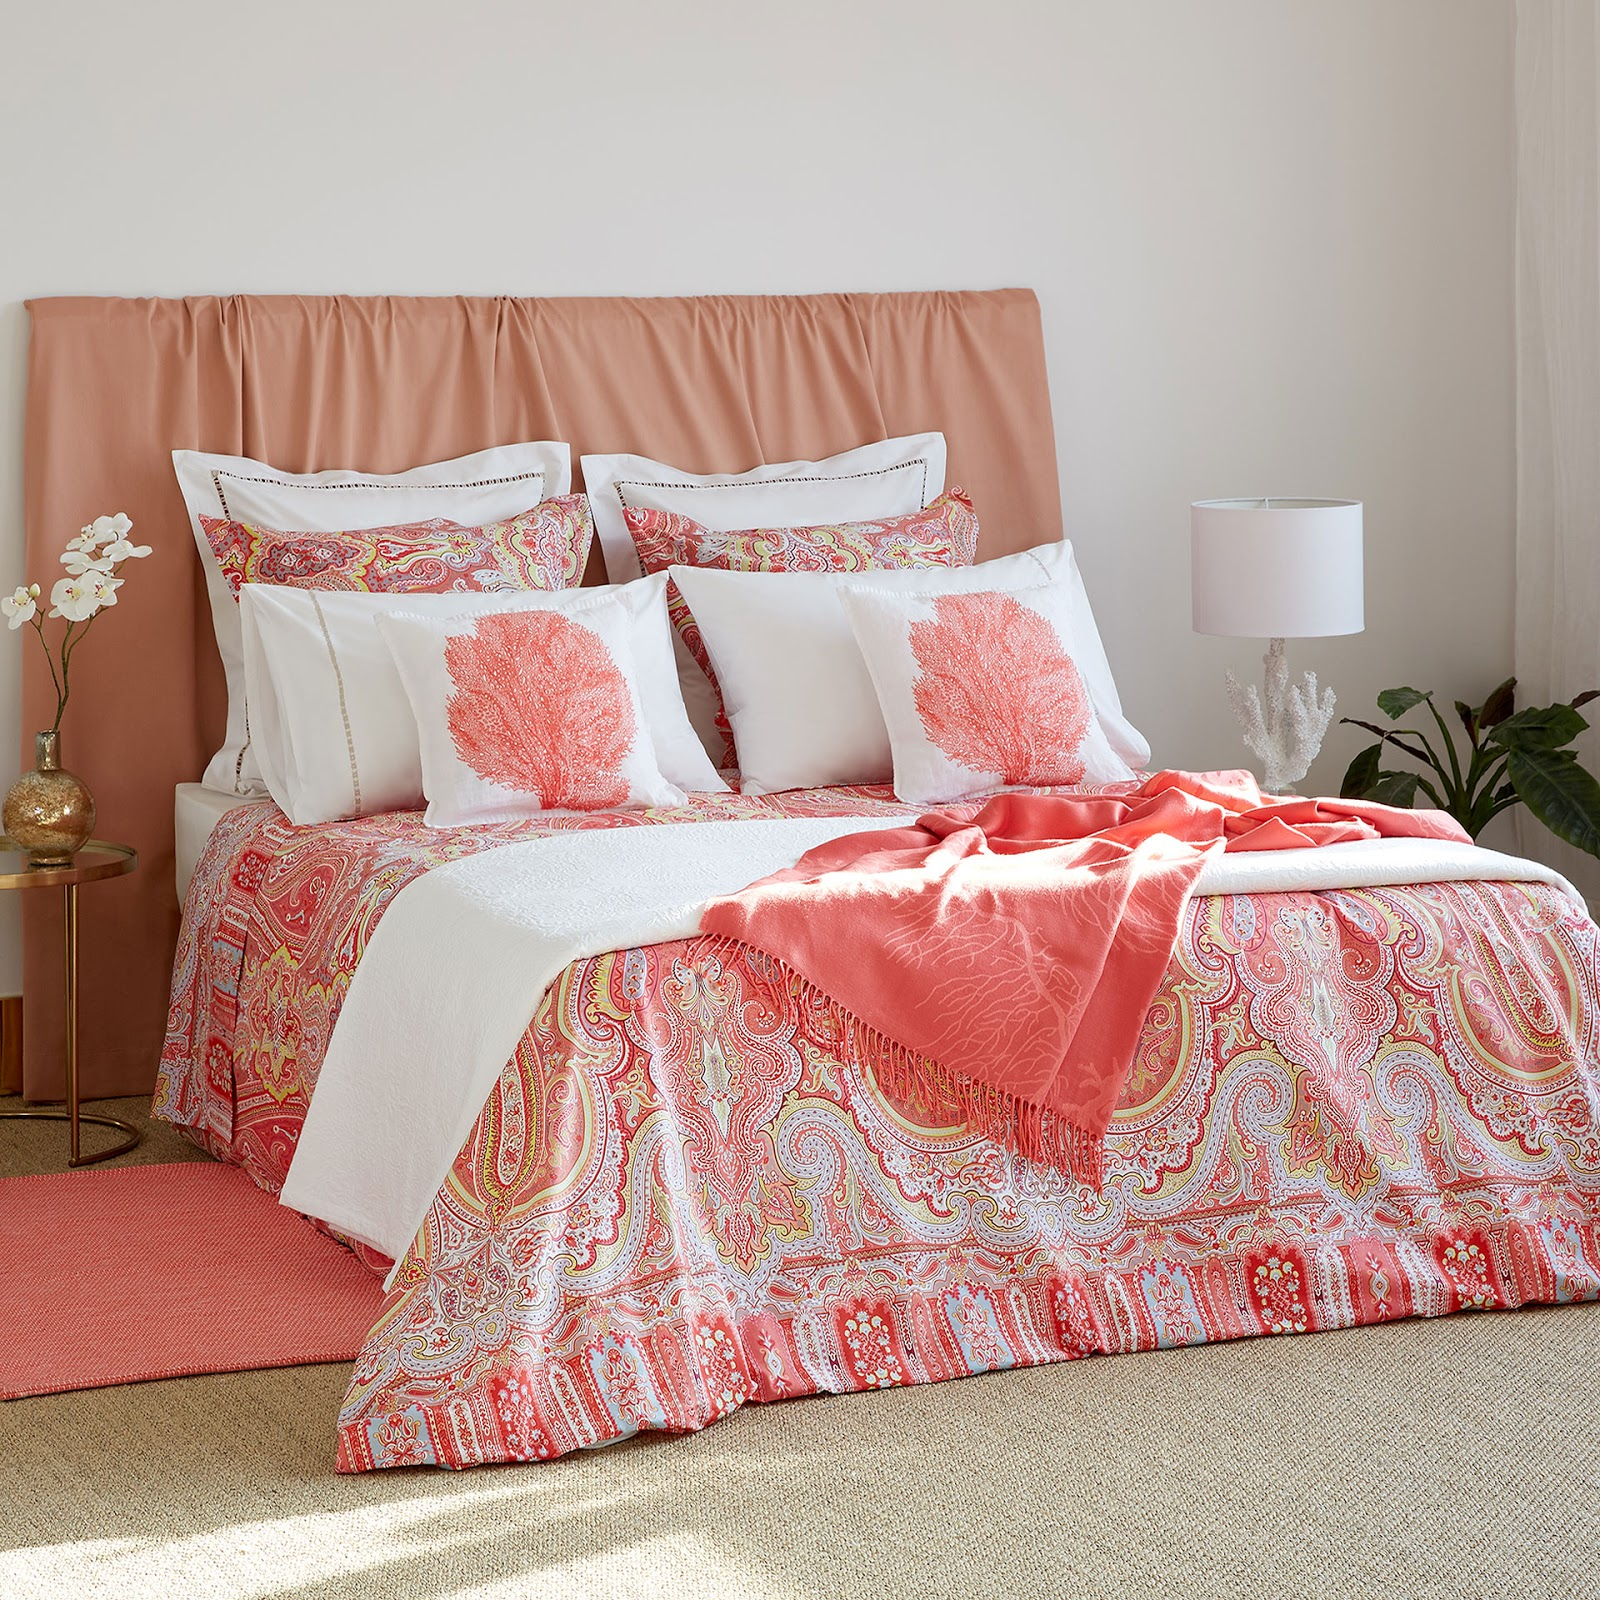 zara home y su maravillosa colecci n de s banas muero de amor por la deco. Black Bedroom Furniture Sets. Home Design Ideas